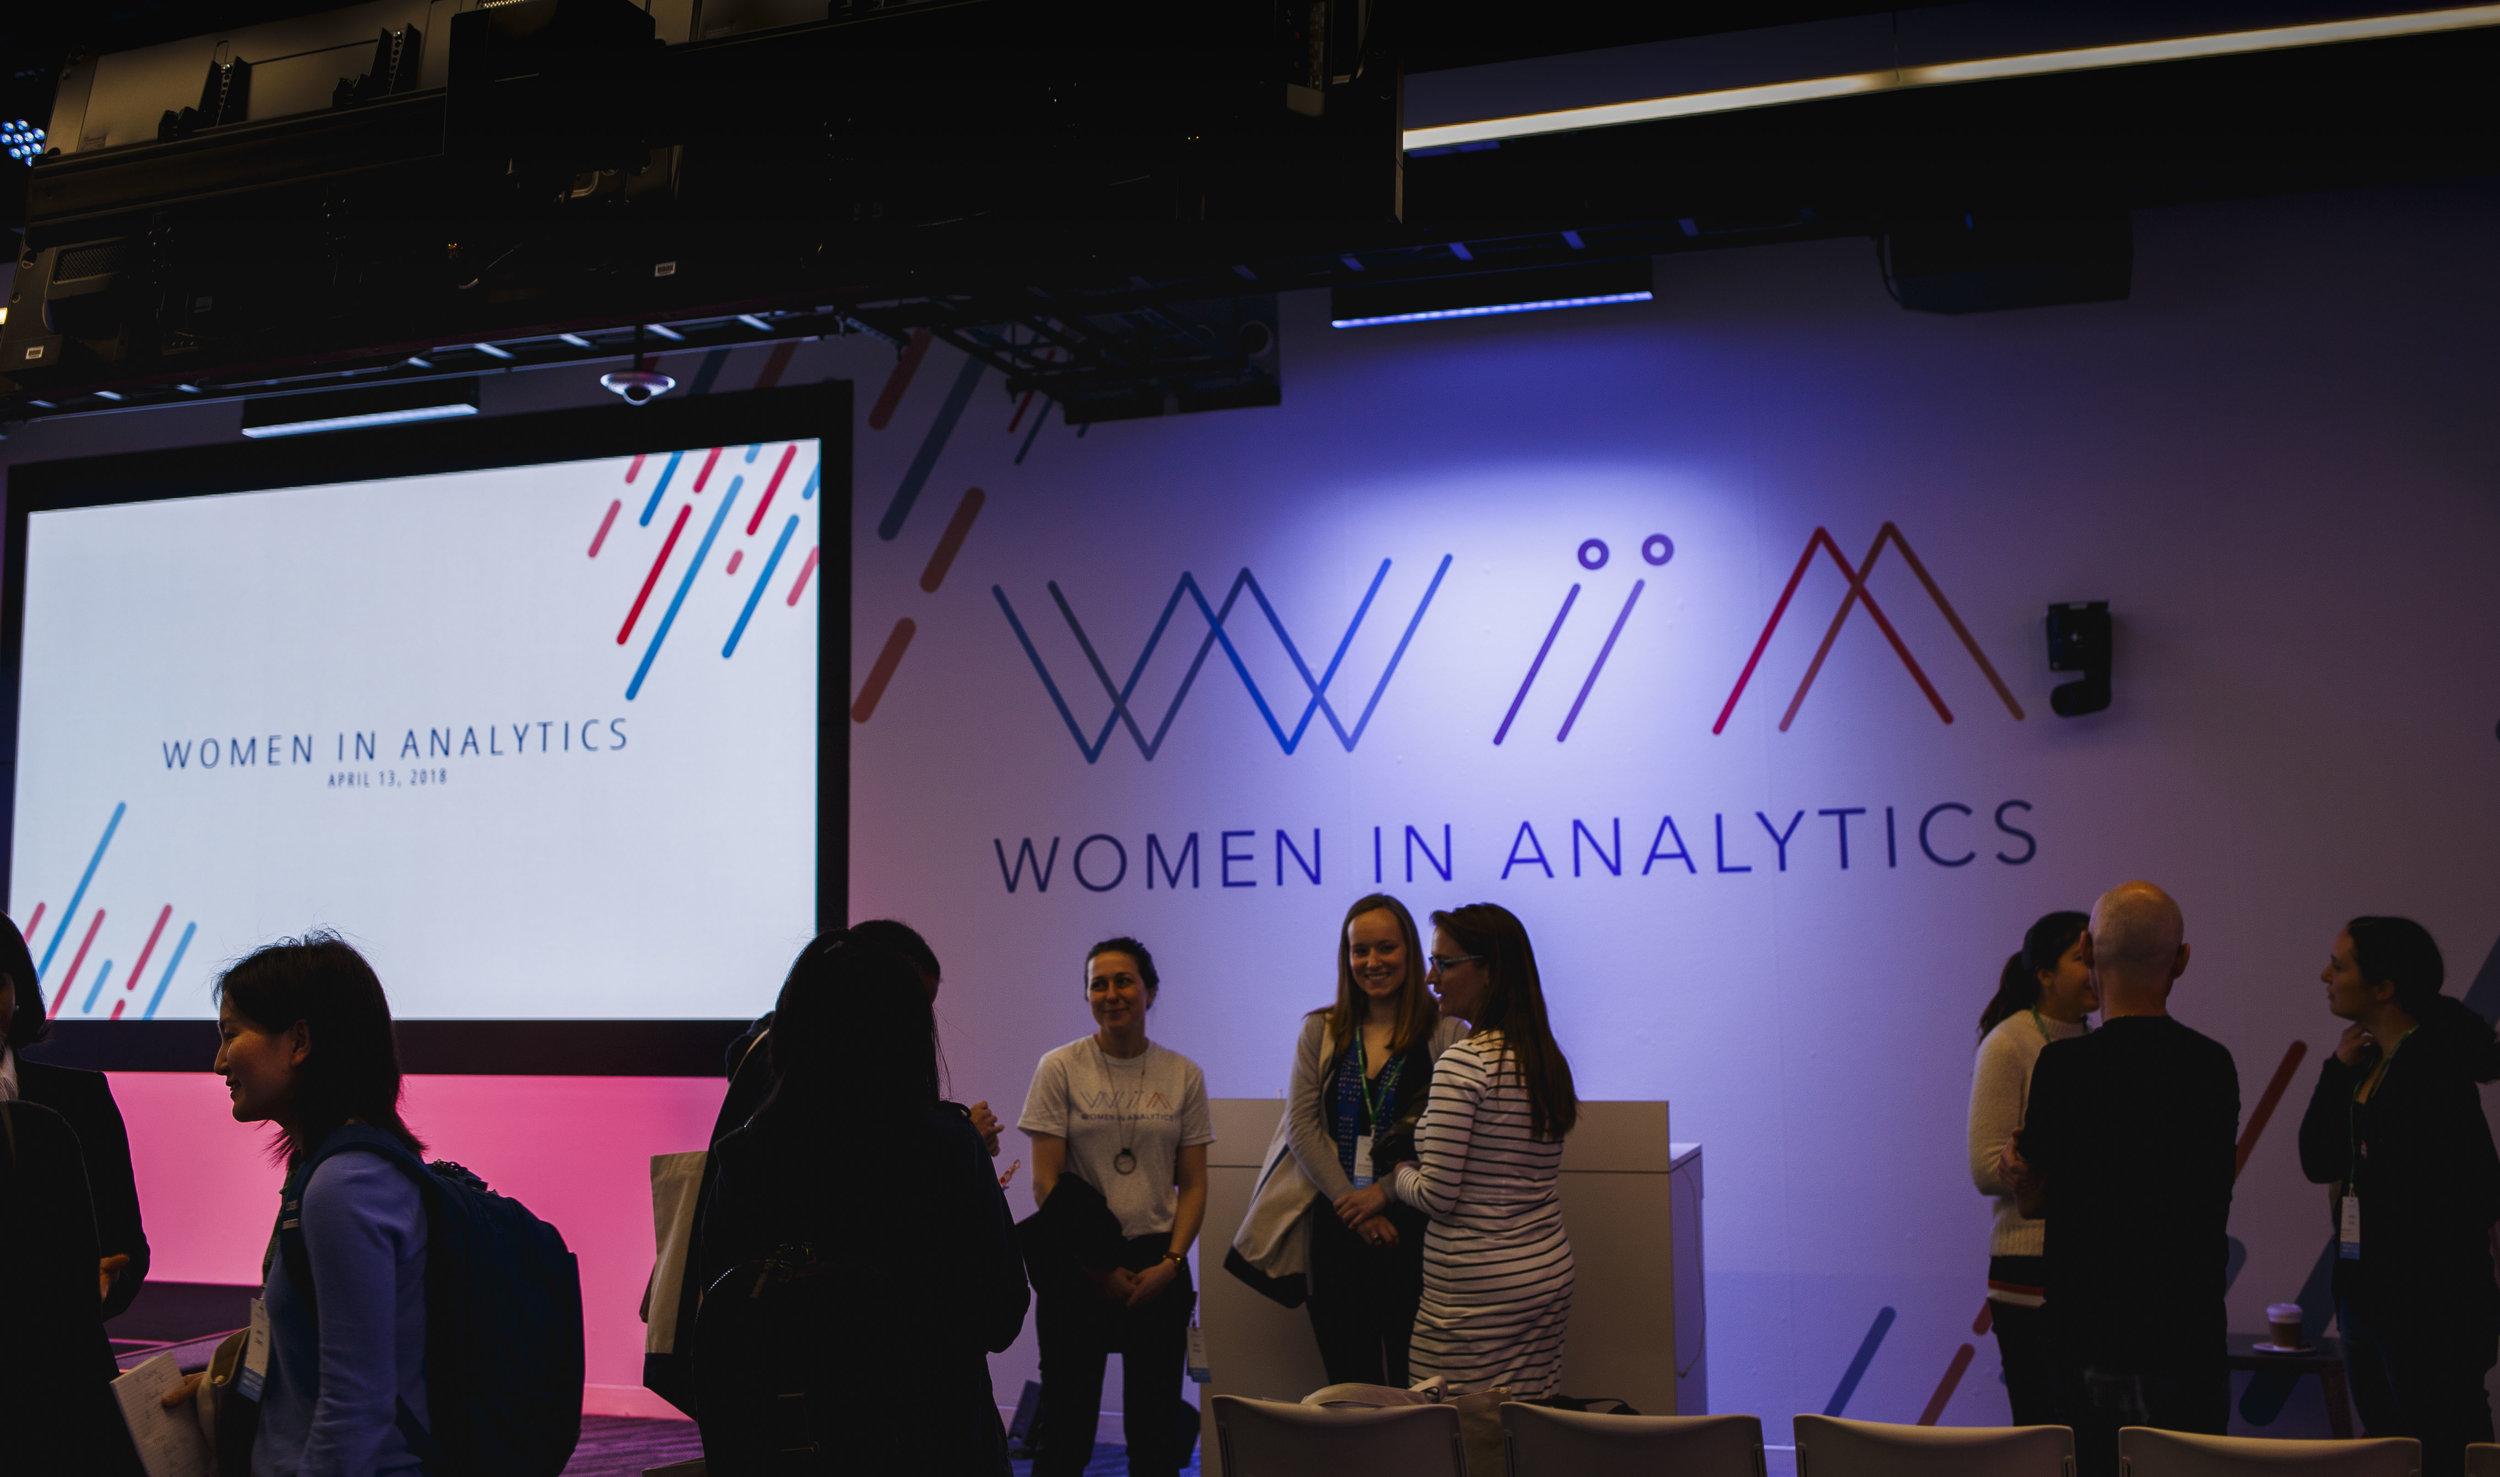 WomenInAnalytics_event_9.jpg